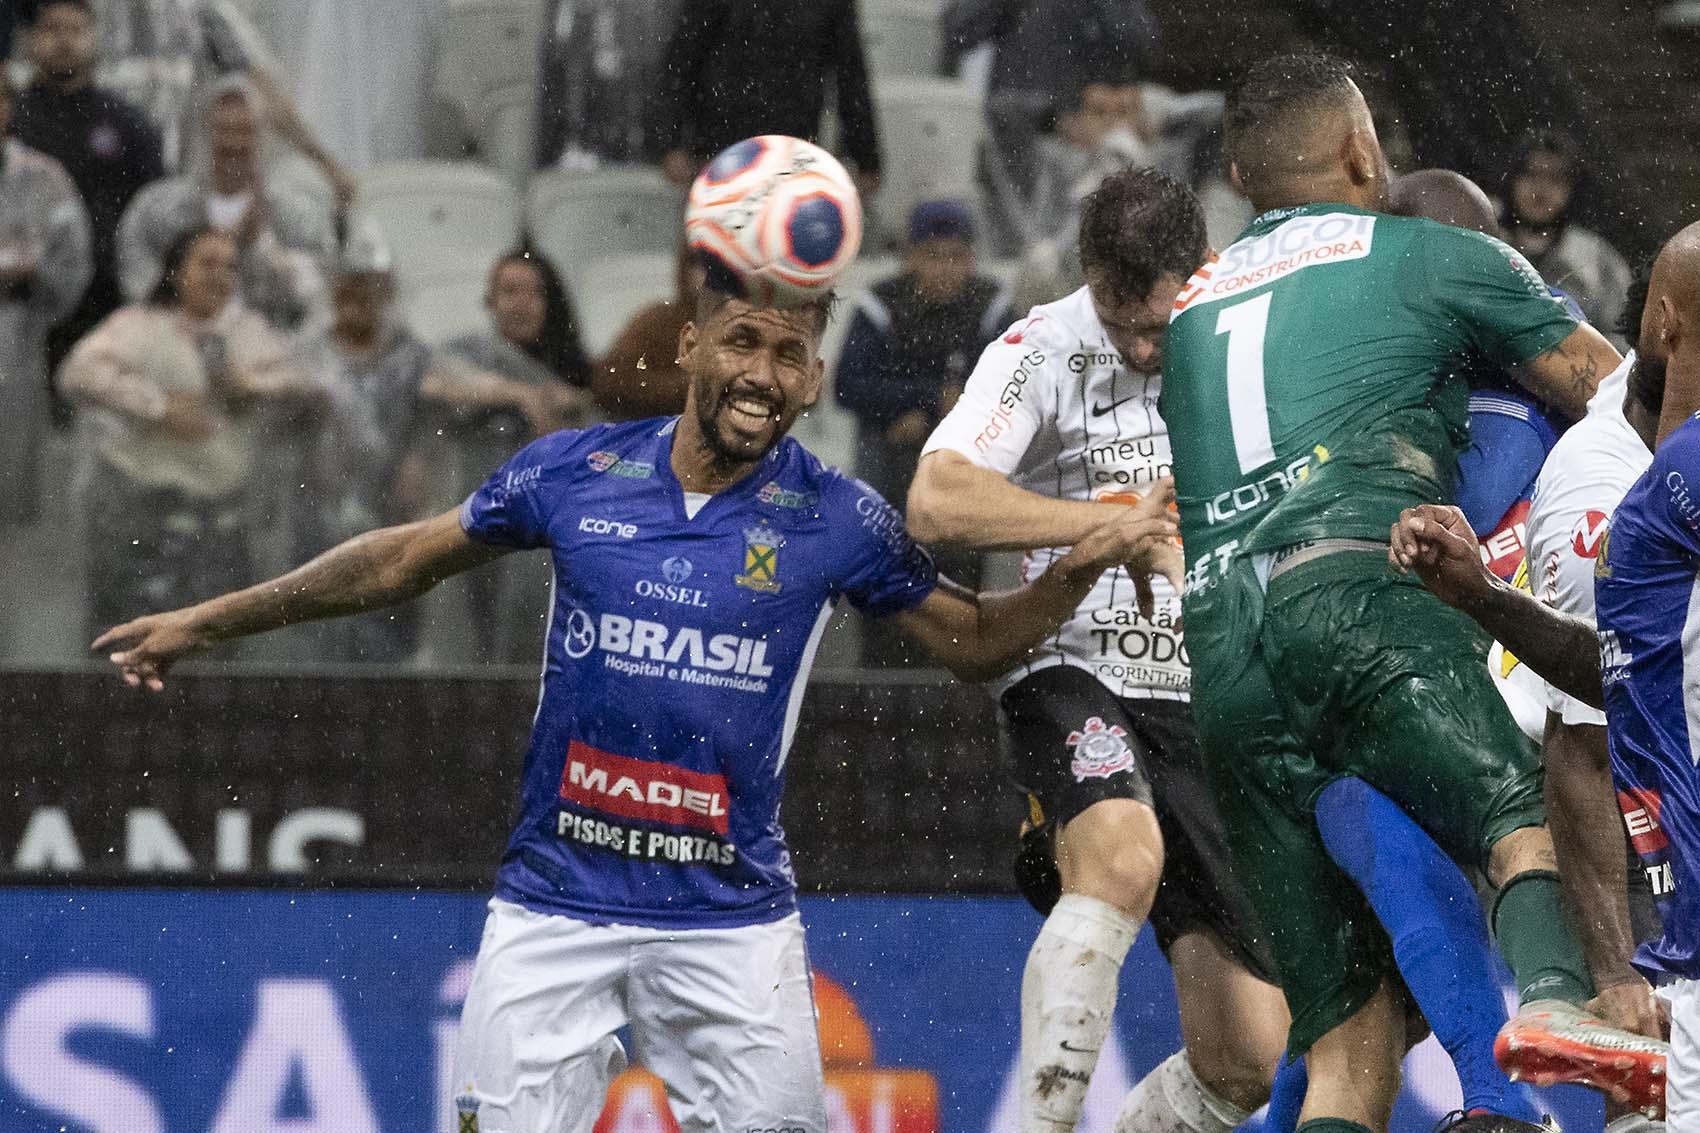 Momento em que Boselli cabeceia para empatar o jogo para o Corinthians (Foto: Daniel Augusto Jr./Ag. Corinthians)